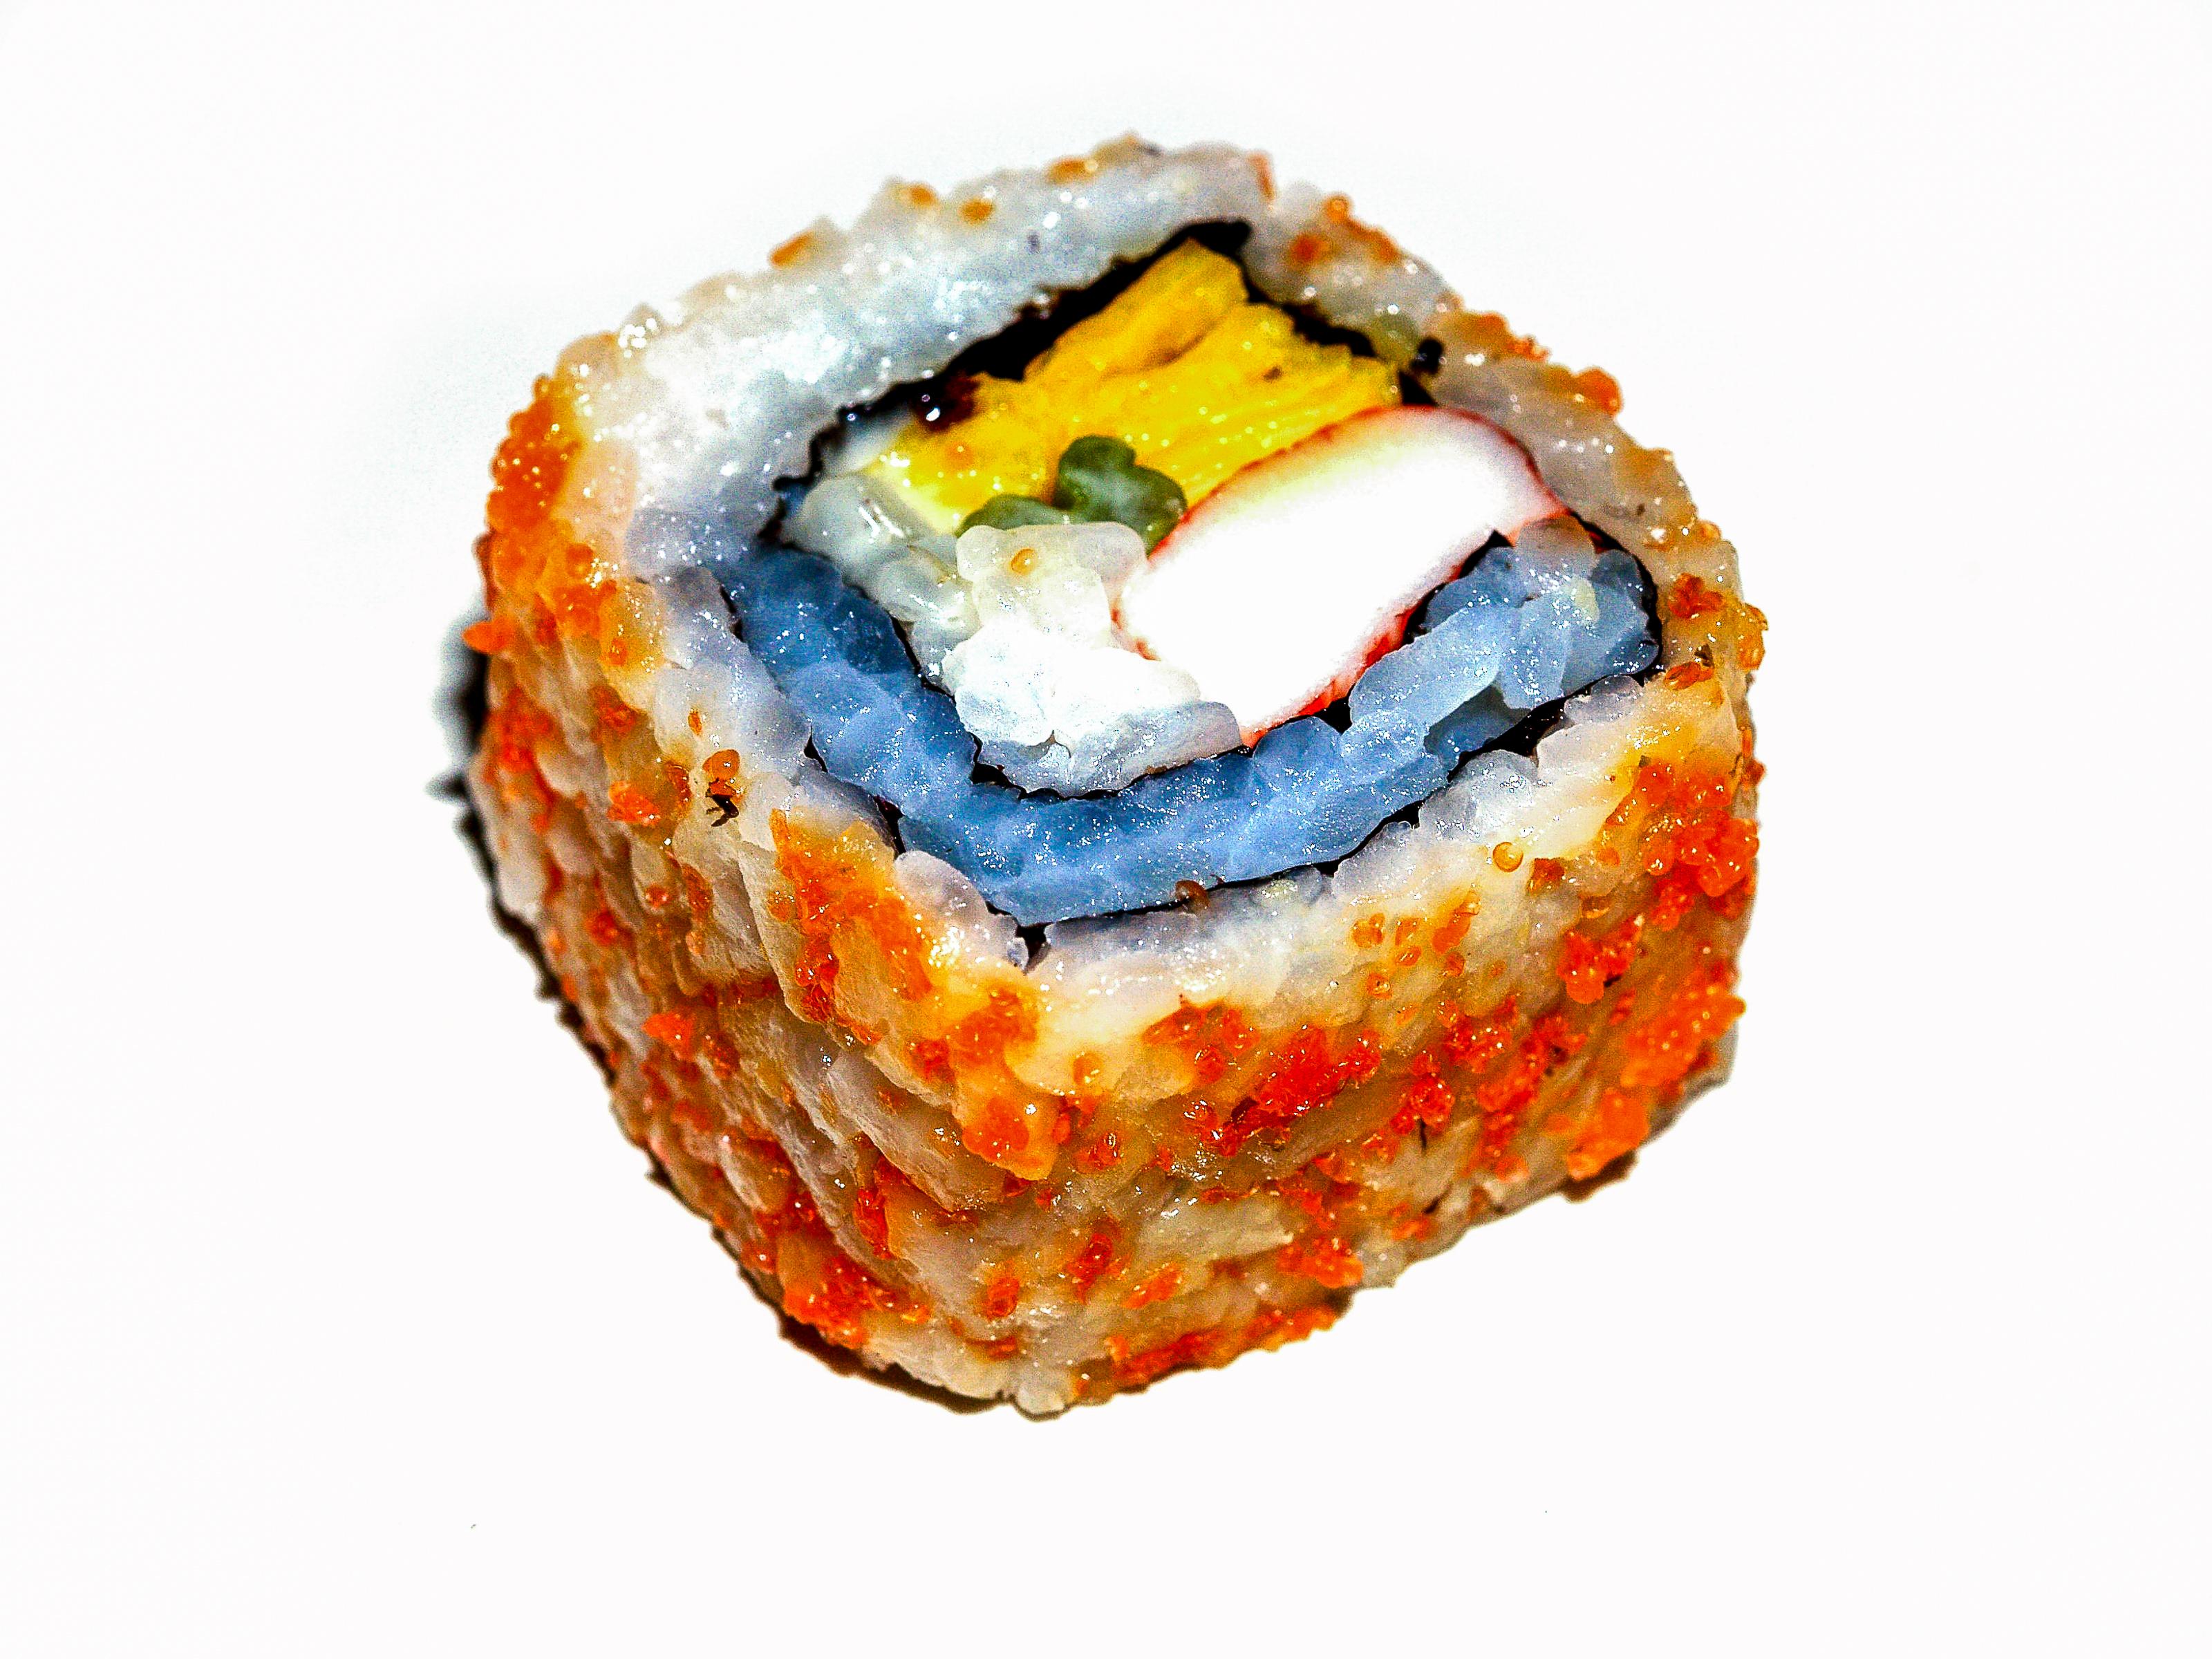 Banco De Imagens Japon S Arroz Sushi Tradicional Refei O